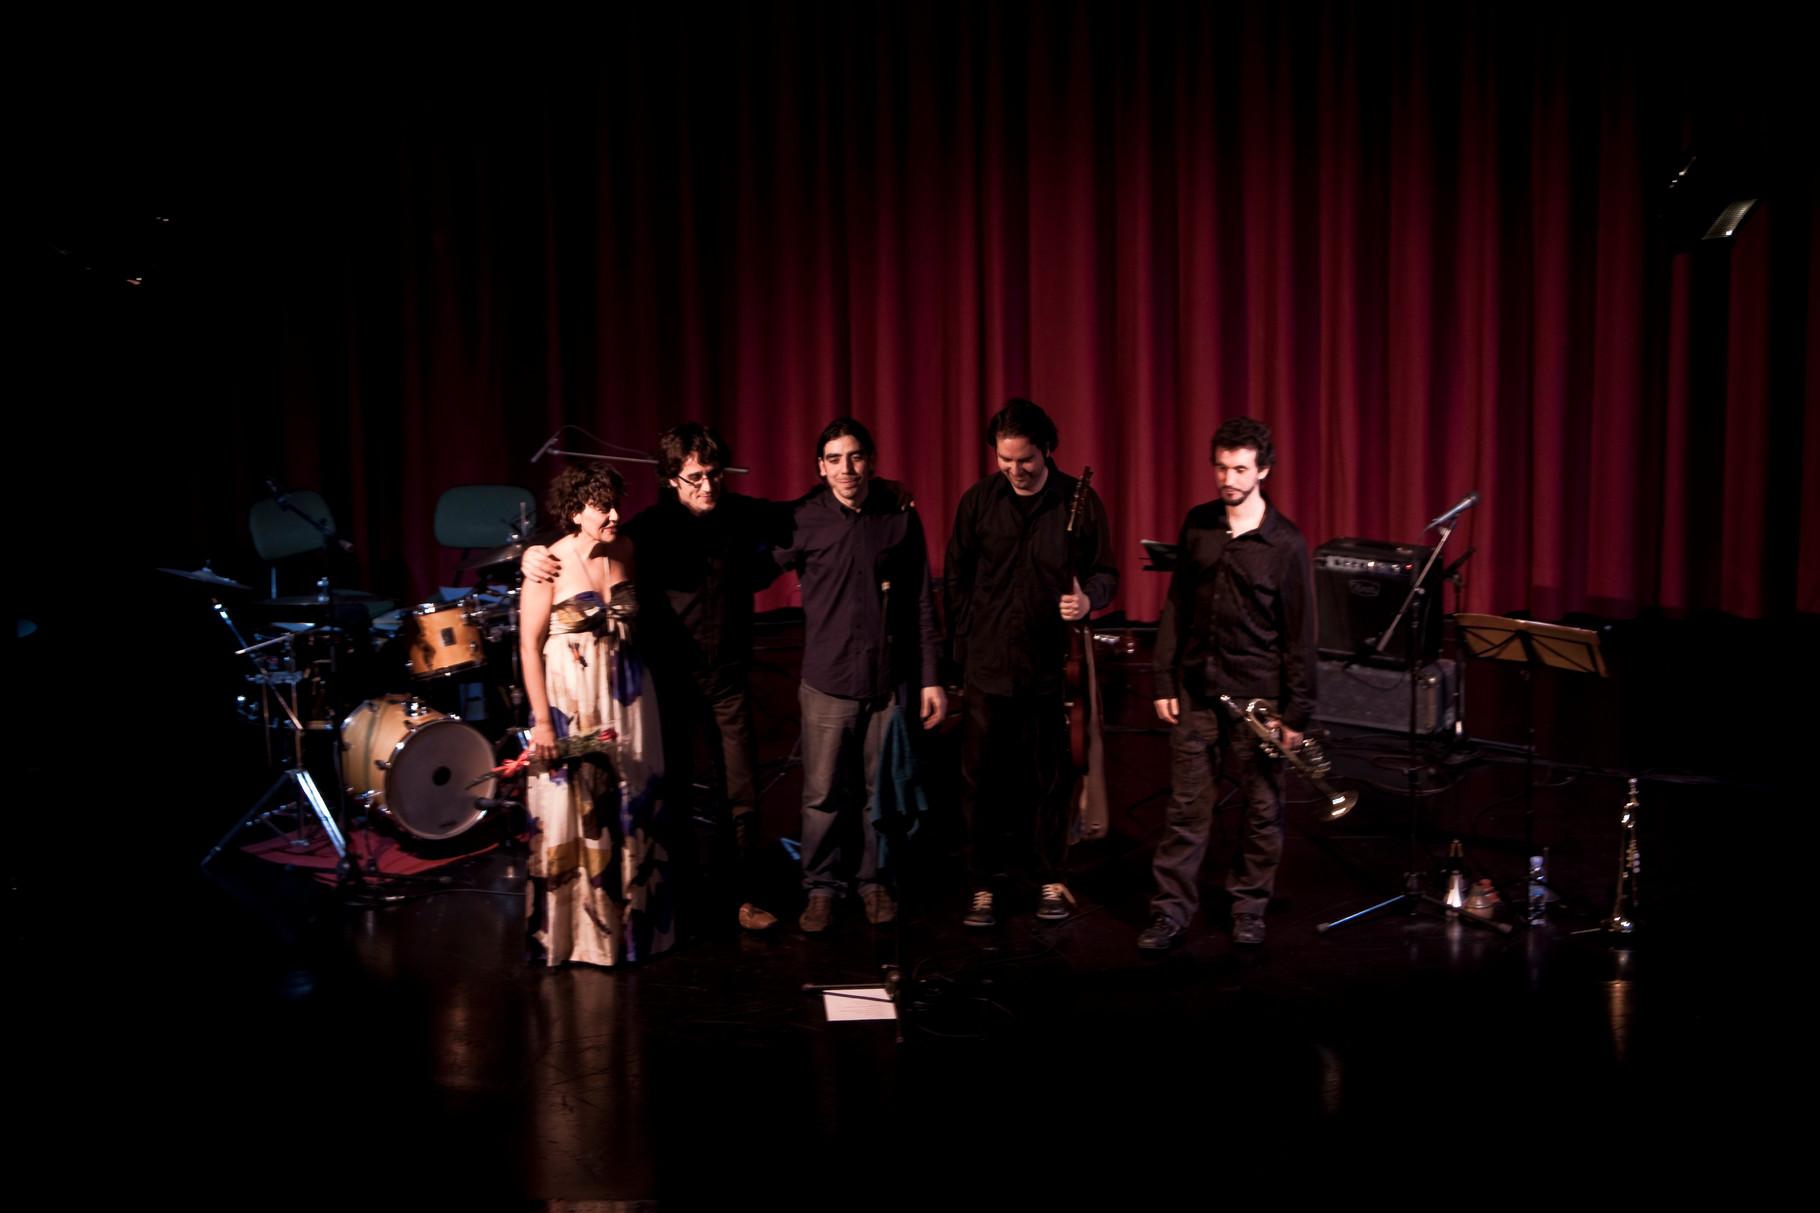 """QUINTETO con CARLOS ROSSI (trompeta). PRESENTACIÓN """"La Espuma de los Días"""". CICLO MÚSICAS EN FEBRERO. SEVILLA. 2009. FOTOS: ANTONIO MARTINEZ RUBIOPRESENTACIÓN """"La Espuma de los Días"""". CICLO MÚSICAS EN FEBRERO. SEVILLA. 2009"""